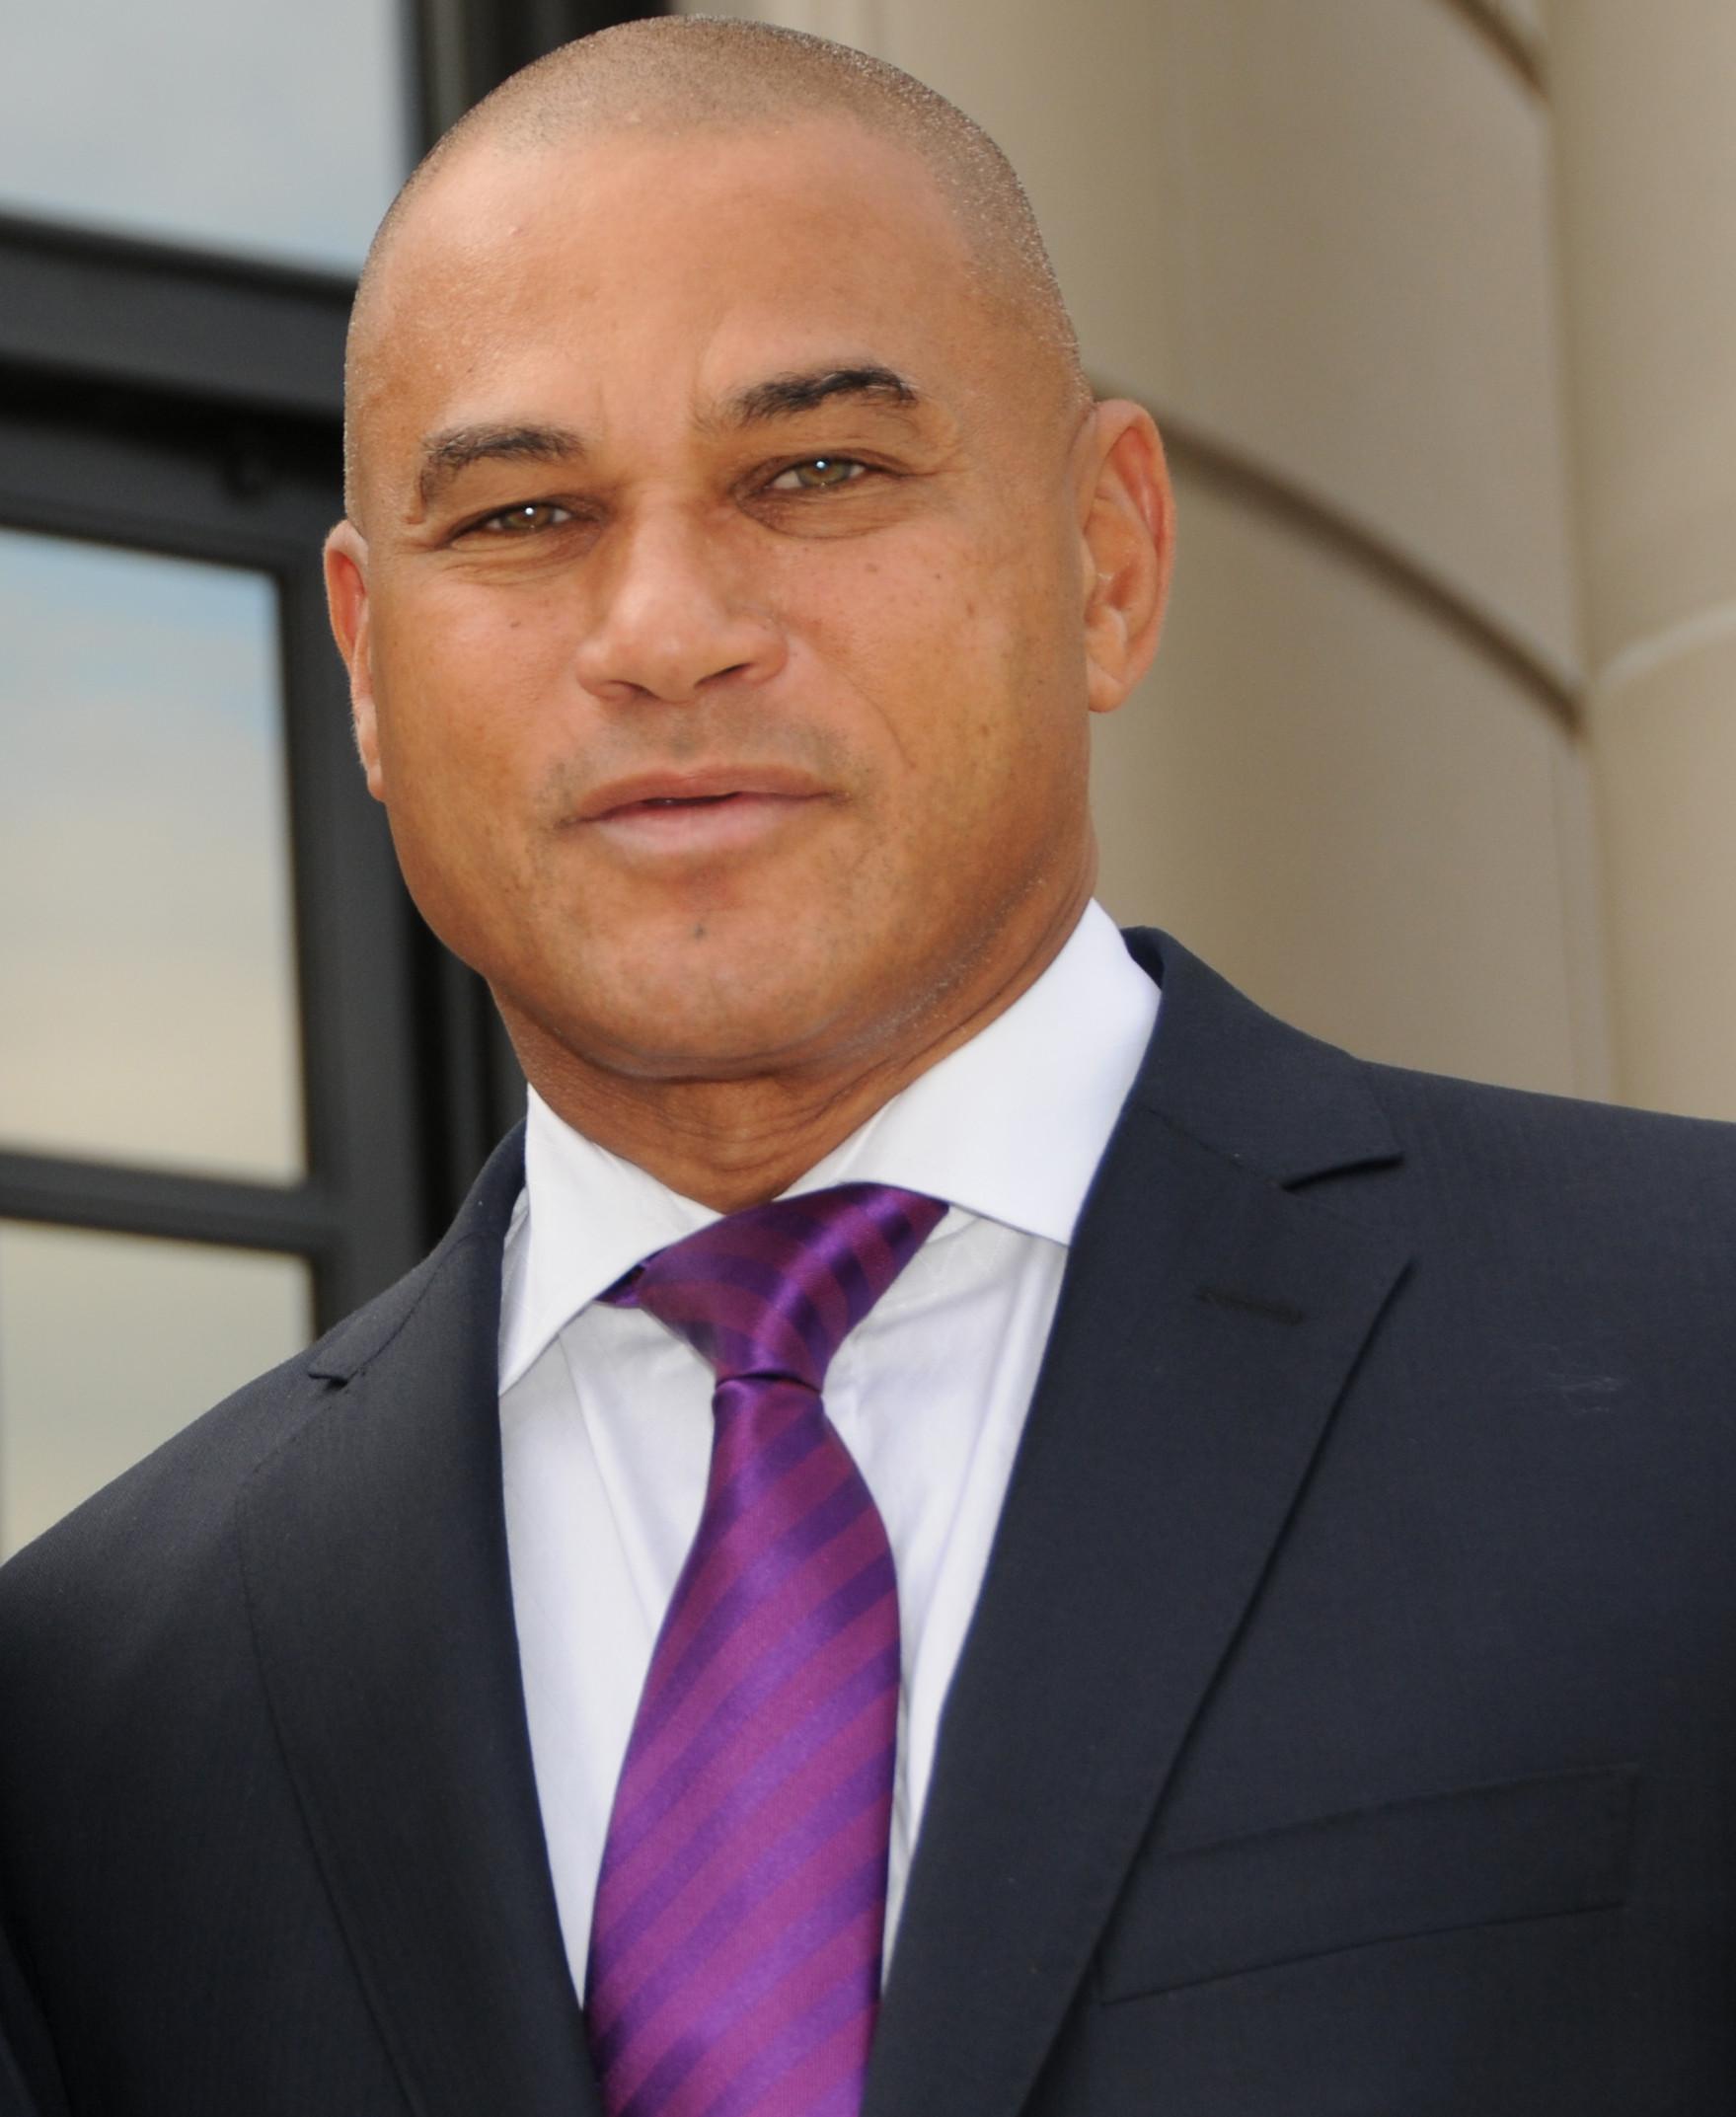 Fernando-Mateo-speaker